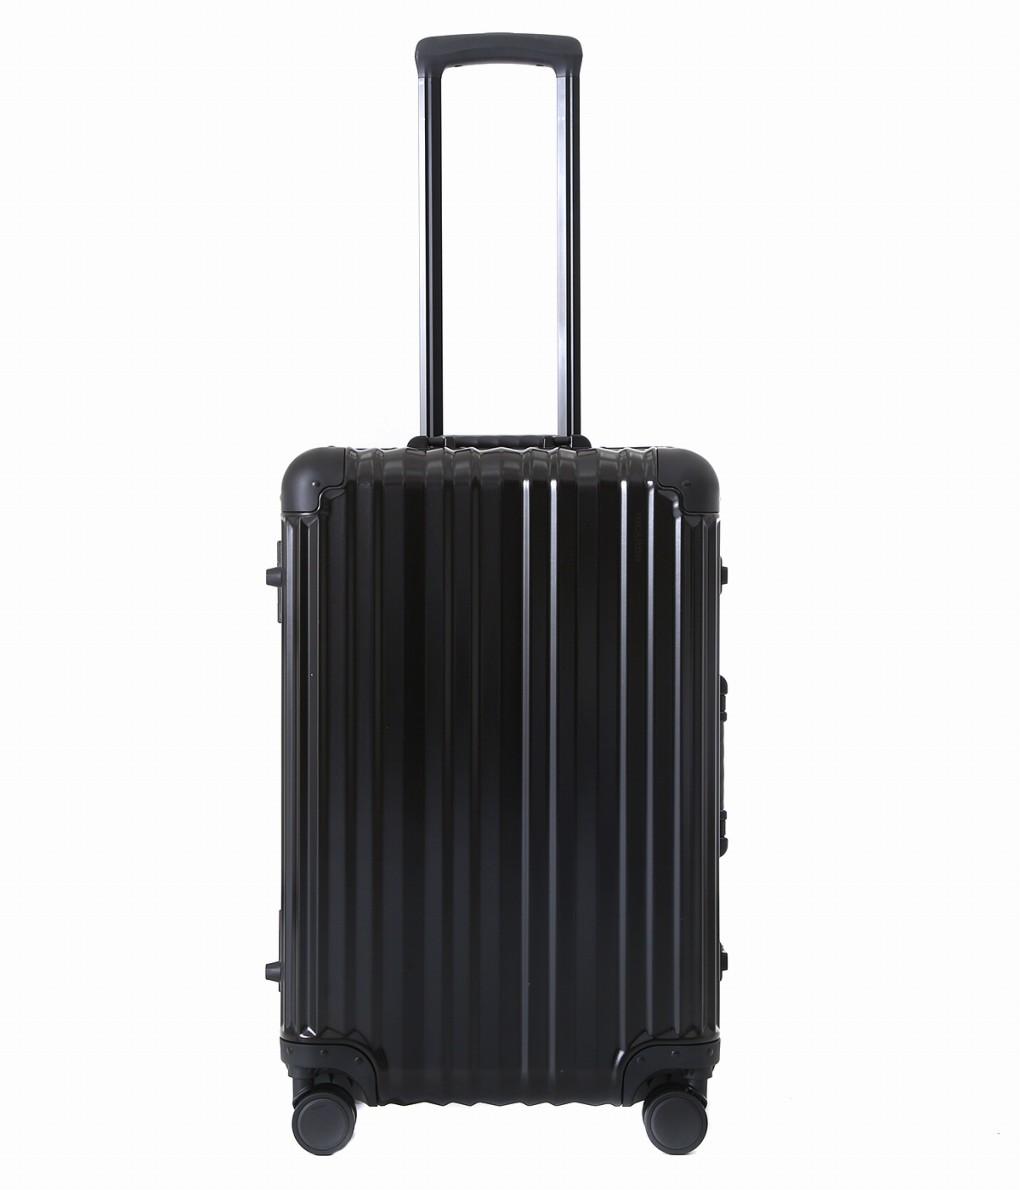 RICARDO / リカルド : Aileron Vault 24-inch Spinner Suitcase : エルロン ボールト 24インチ スピナー スーツケース ハードケース トラベルケース トラベルバッグ キャリーバッグ メンズ : 18982021845 【MUS】